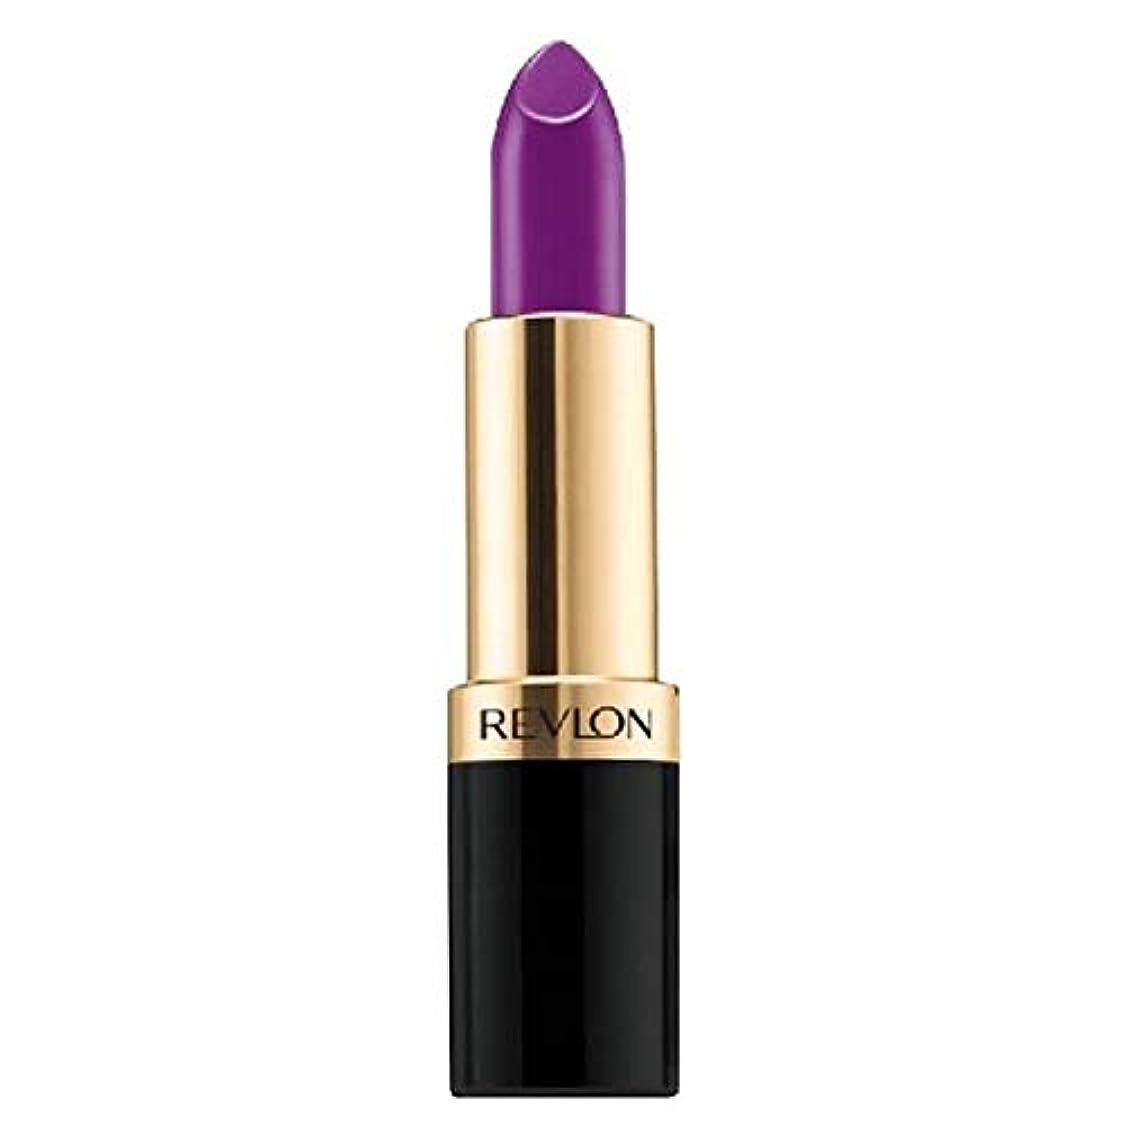 課すアボート新鮮な[Revlon ] レブロンSuperlustrousマット口紅紫のオーラ4.2グラム - Revlon Superlustrous Matte Lipstick Purple Aura 4.2g [並行輸入品]